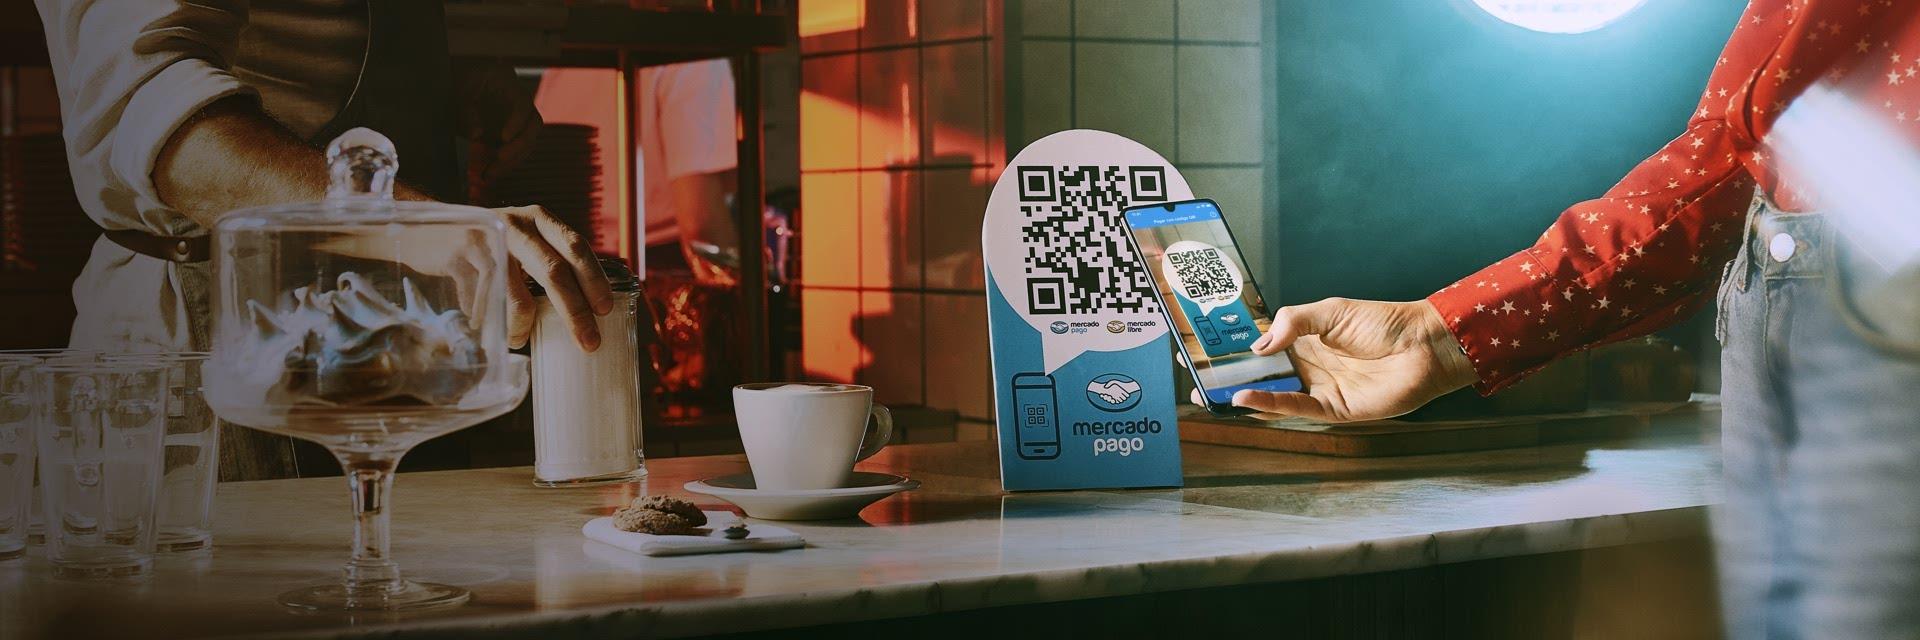 Mercado pago es la forma online de cobrar a los clientes. Simple, rapido y fácil. Bistrosoft está integrado con esta forma de pago.